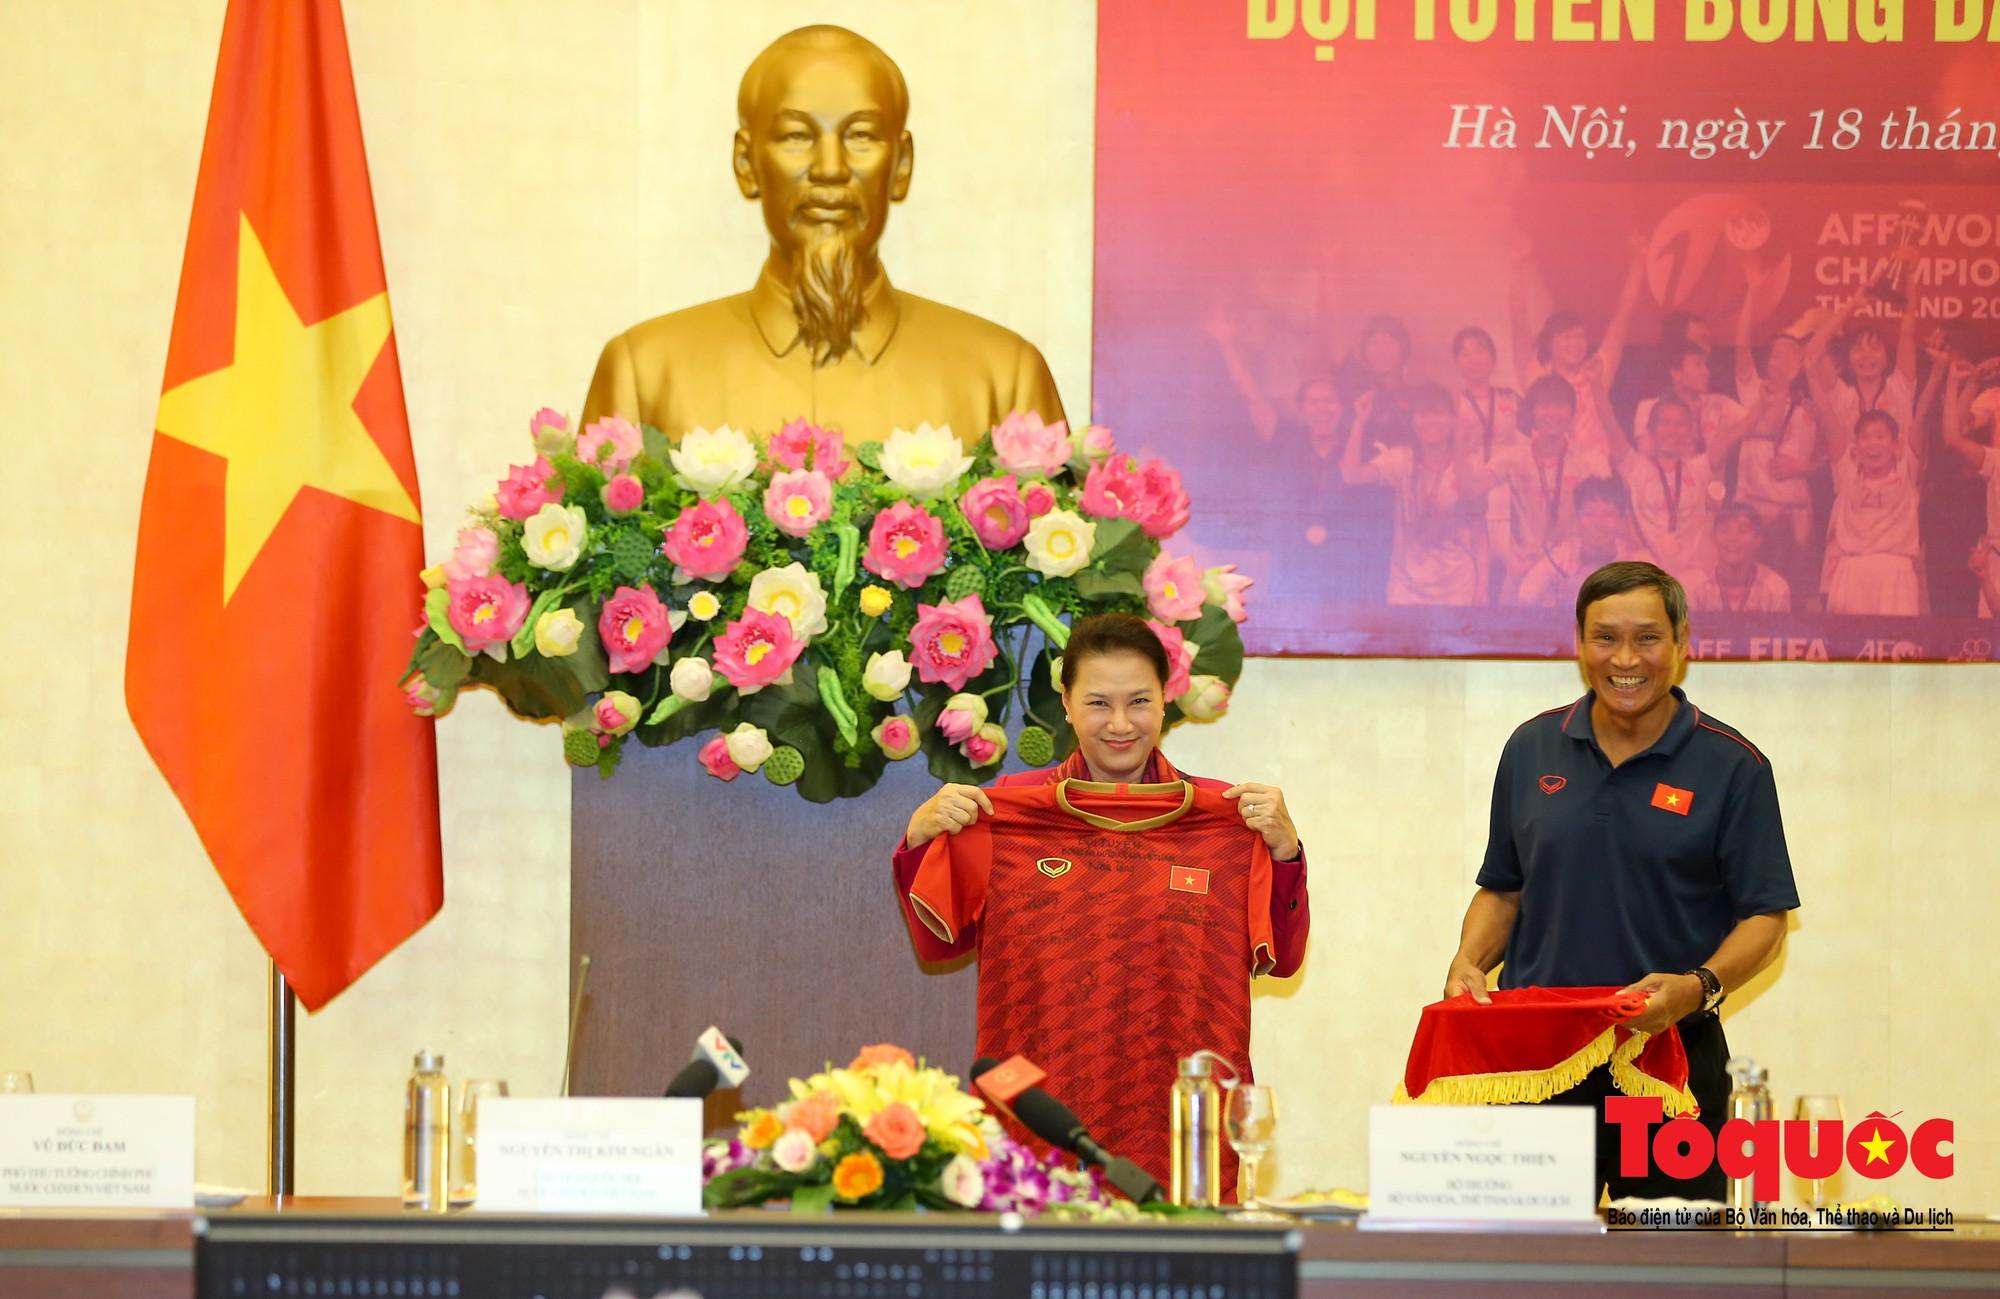 Chủ tịch Quốc hội Nguyễn Thị Kim Ngân: Bóng đá nam nhìn thành tích bóng đá nữ còn phải mơ ước dài14